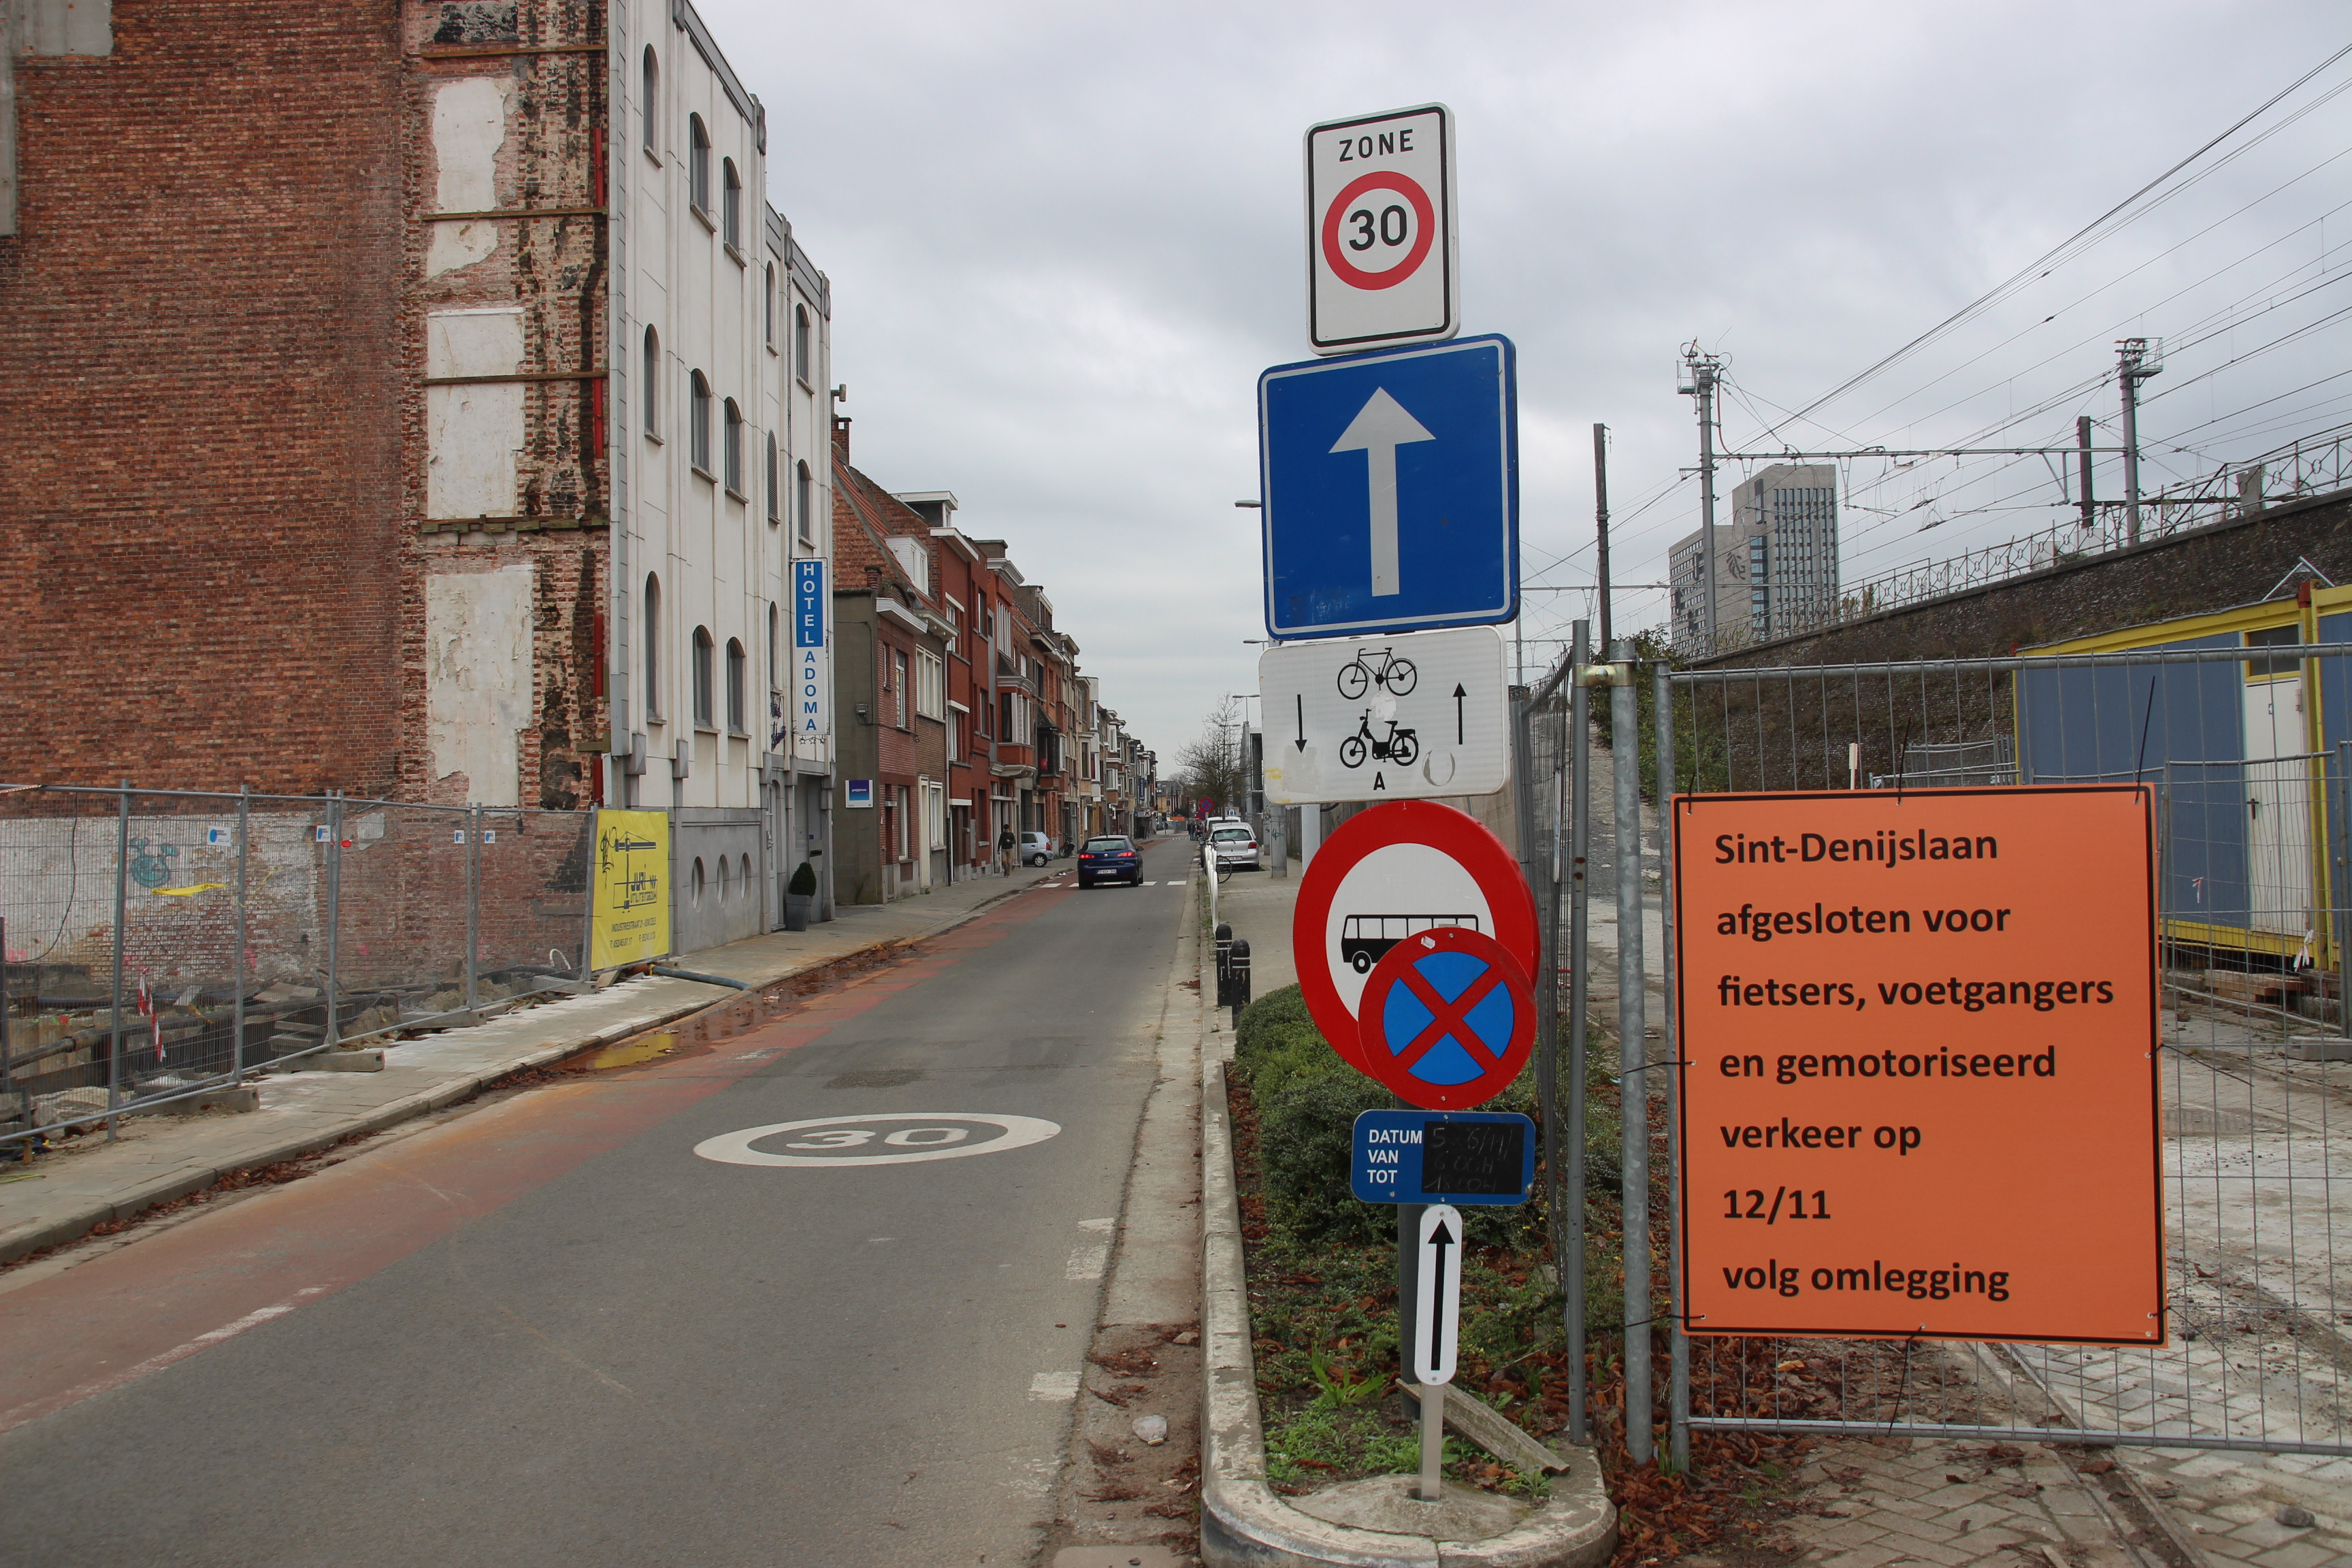 11nov15, Sint-Denijslaan